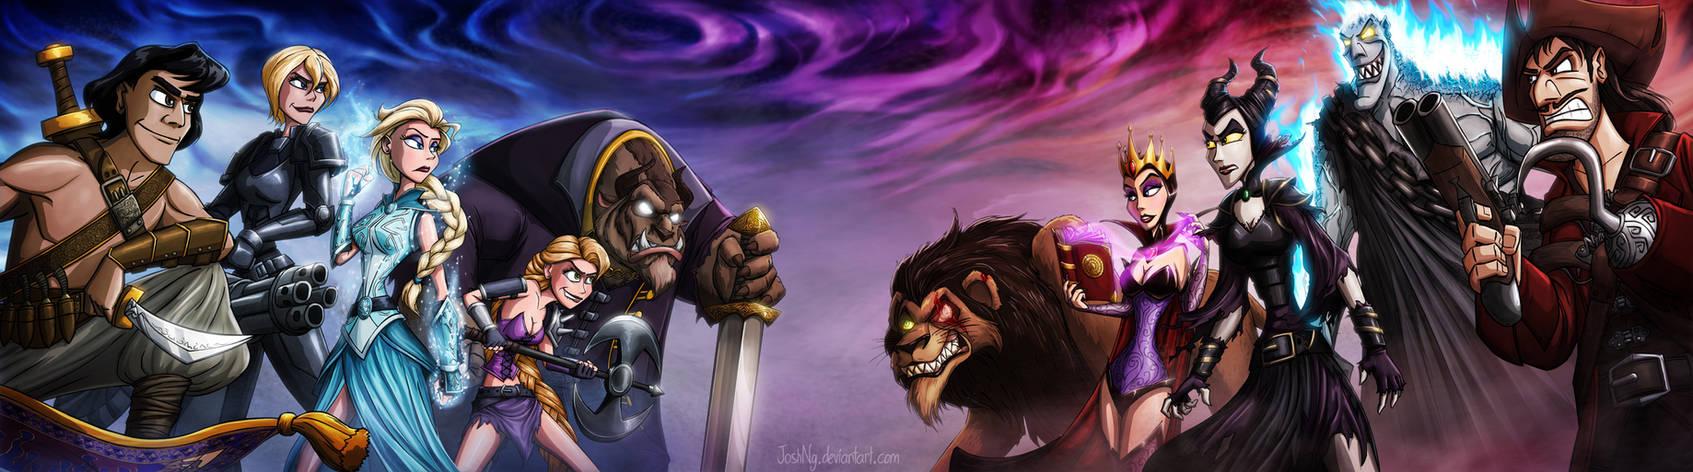 Disney Death Battle - Part 1